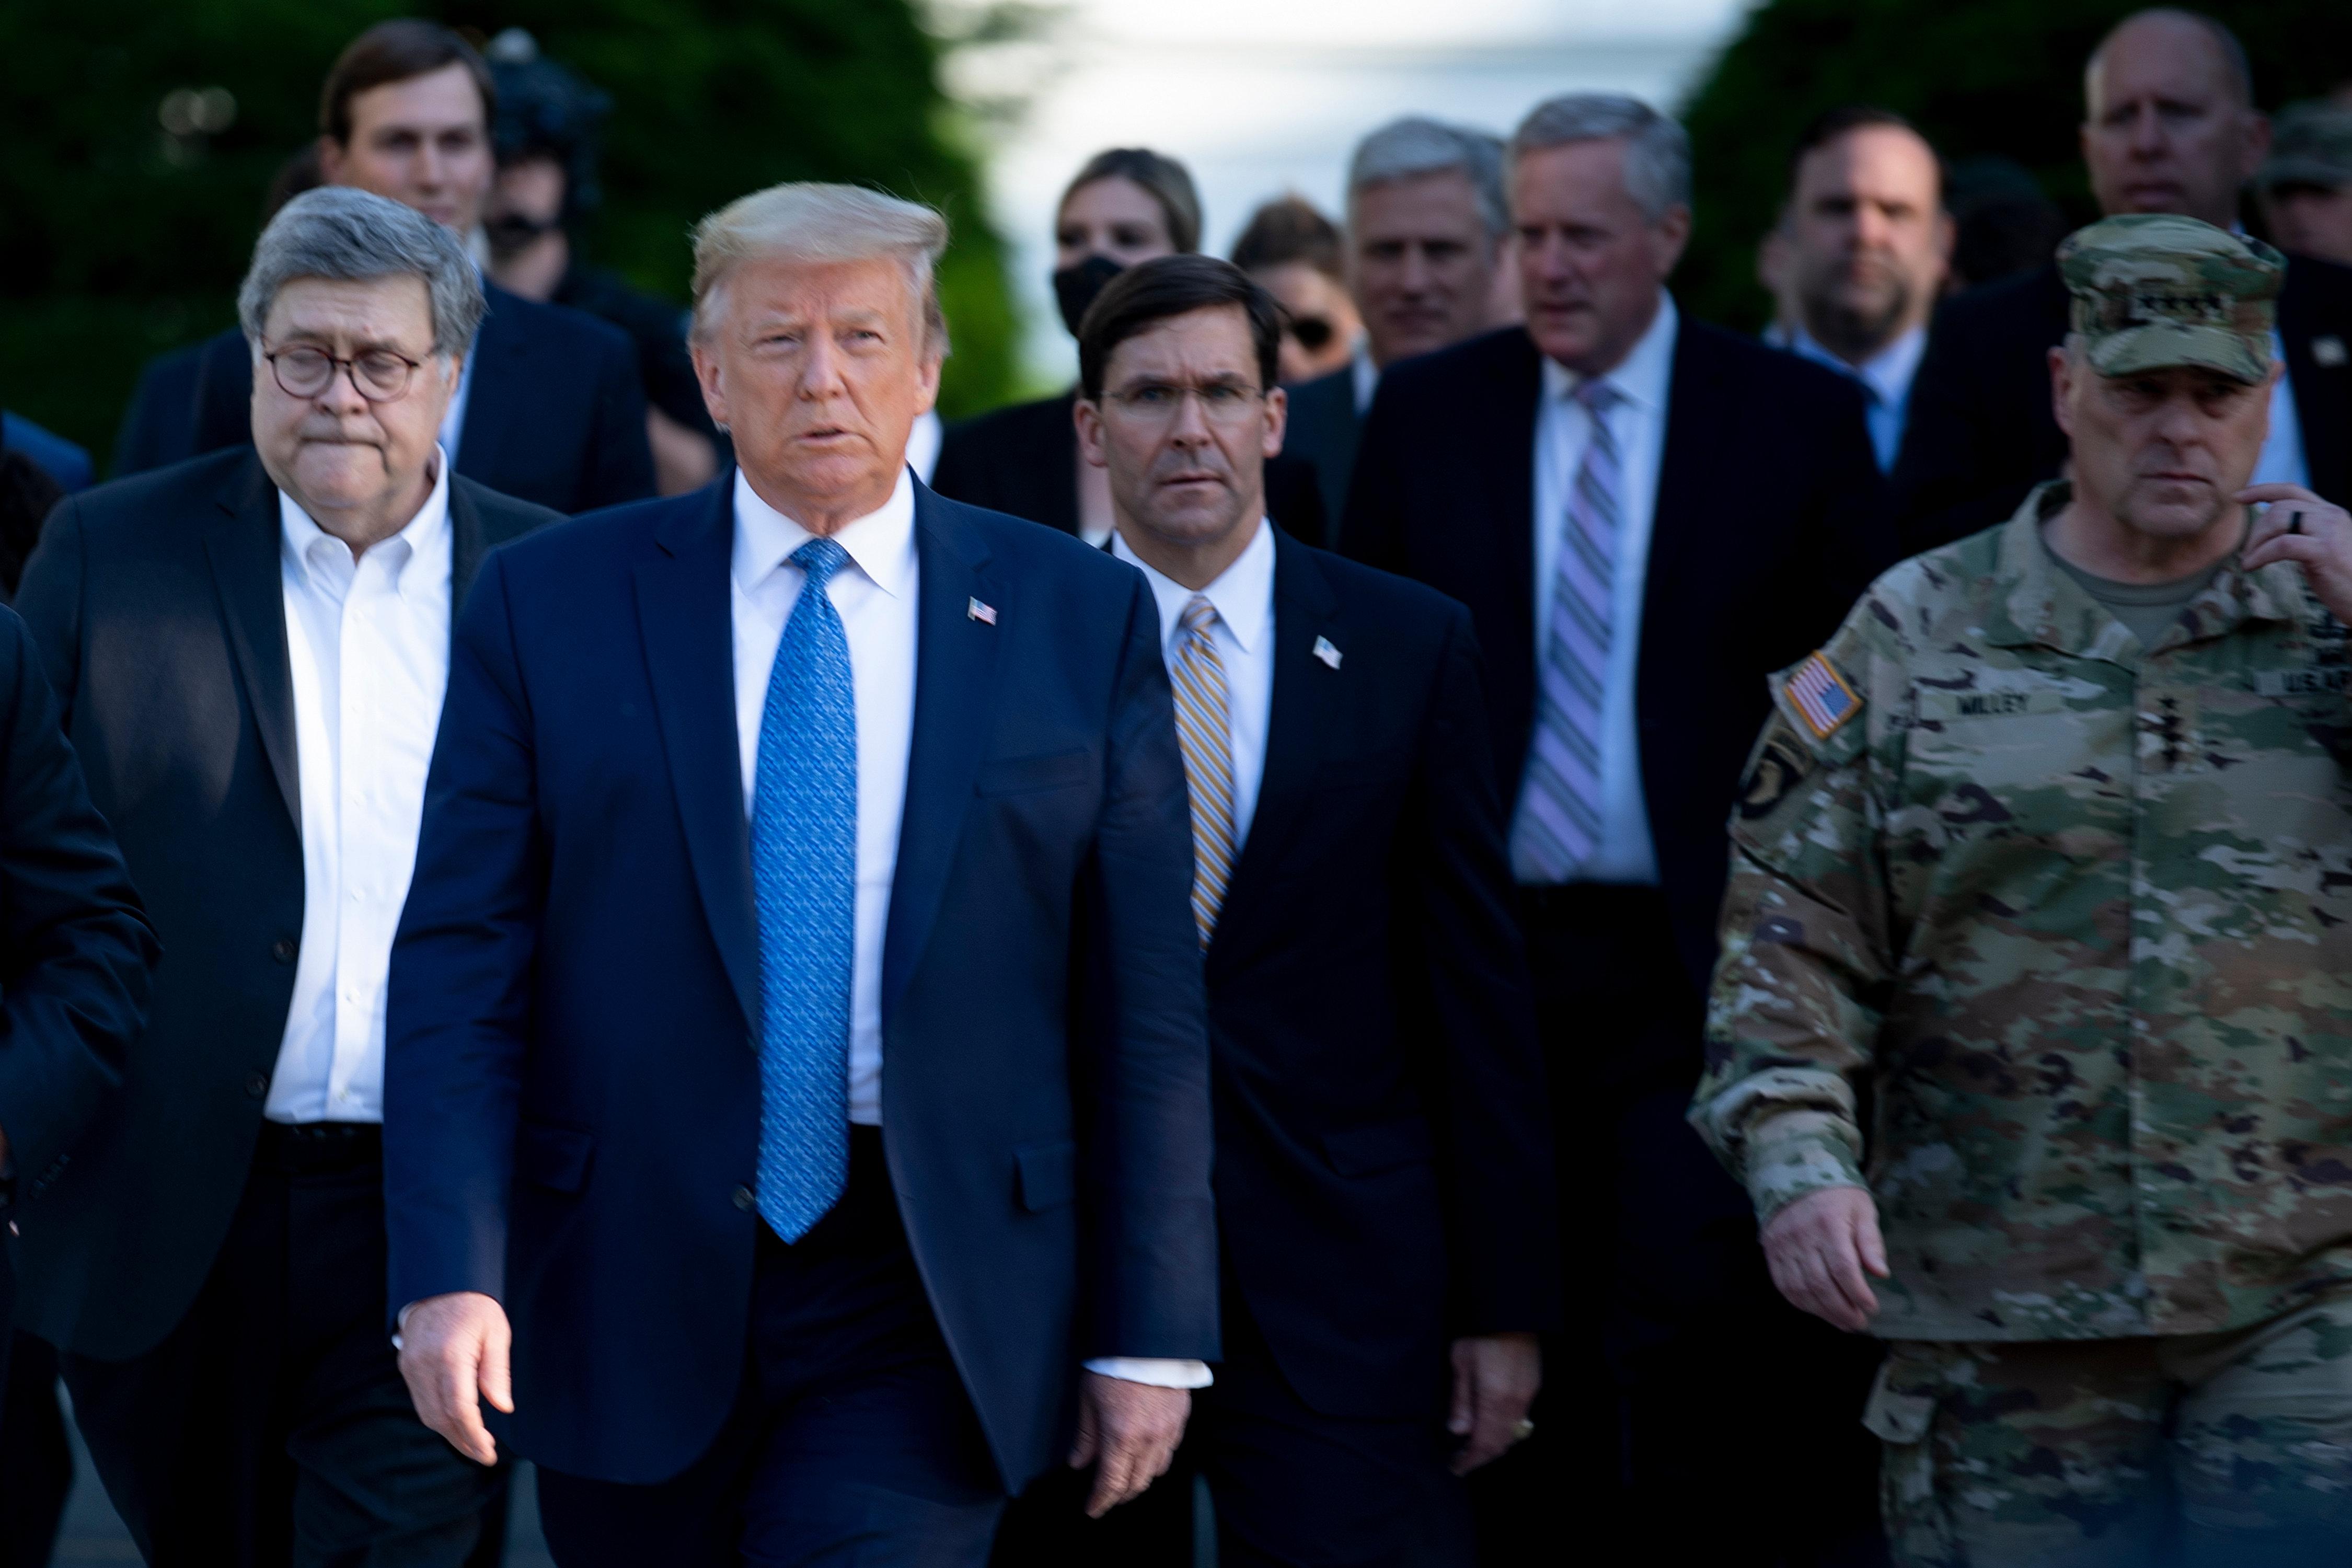 為平息暴動 特朗普往首都華盛頓調兵